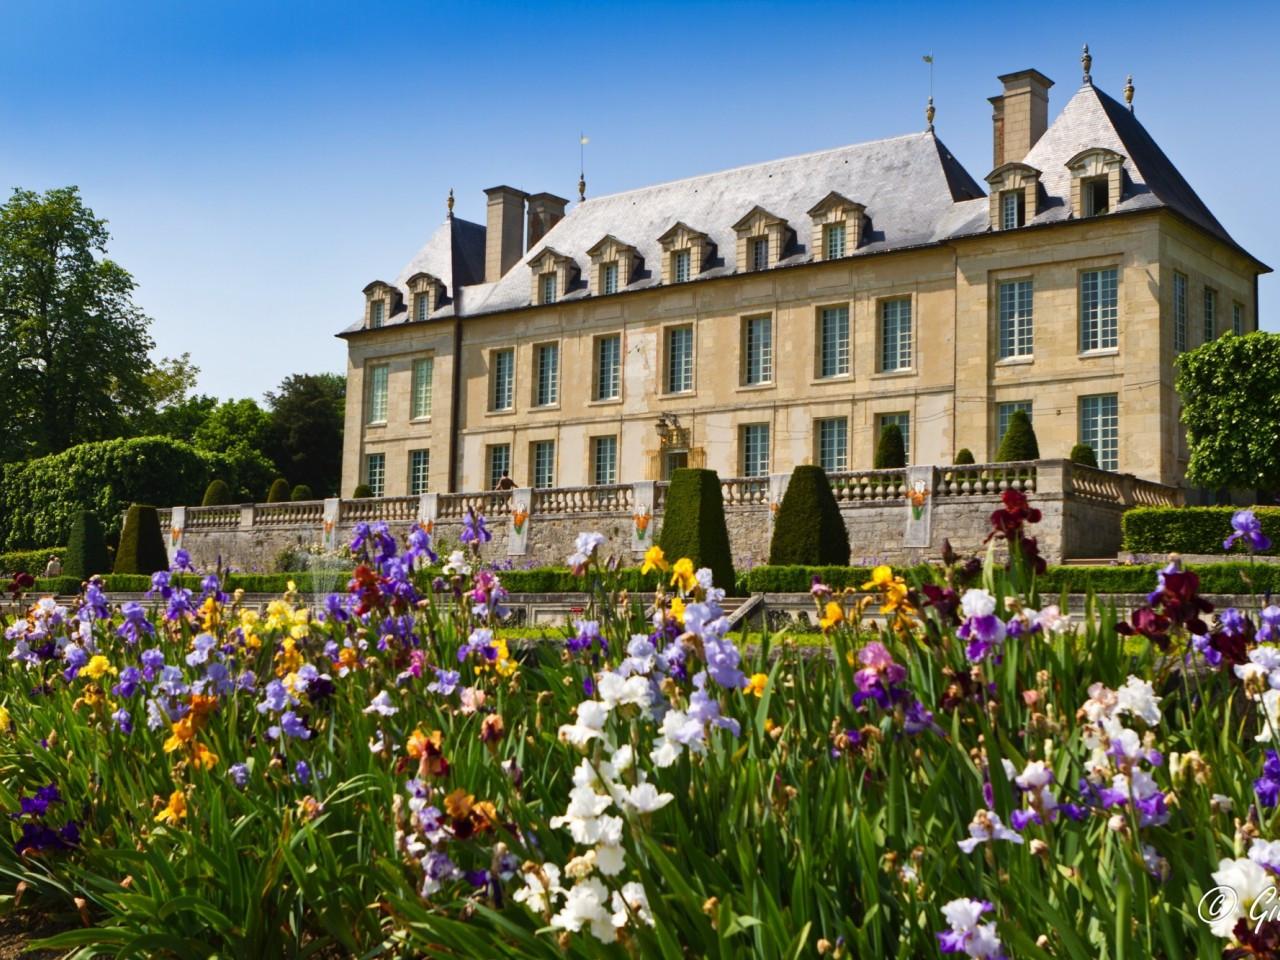 Castello di Auvers-sur-Oise: sulle orme di Van Gogh e degli impressionisti